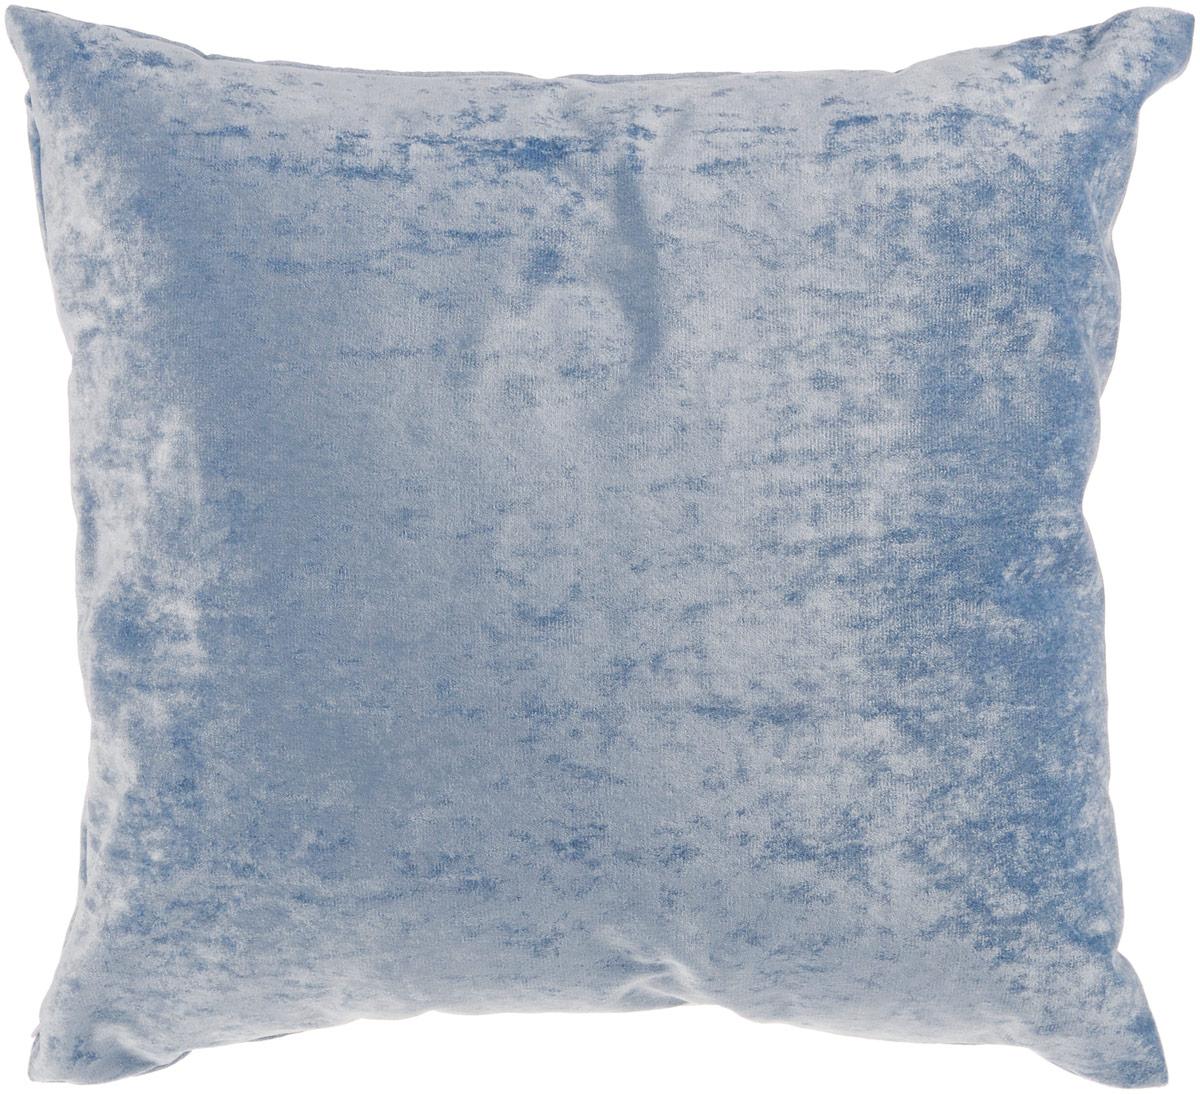 Подушка декоративная KauffOrt Бархат, цвет: голубой, 40 x 40 см531-105Декоративная подушка Бархат прекрасно дополнит интерьер спальни или гостиной. Бархатистый на ощупь чехол подушки выполнен из 49% вискозы, 42% хлопка и 9% полиэстера. Внутри находится мягкий наполнитель. Чехол легко снимается благодаря потайной молнии.Красивая подушка создаст атмосферу уюта и комфорта в спальне и станет прекрасным элементом декора.